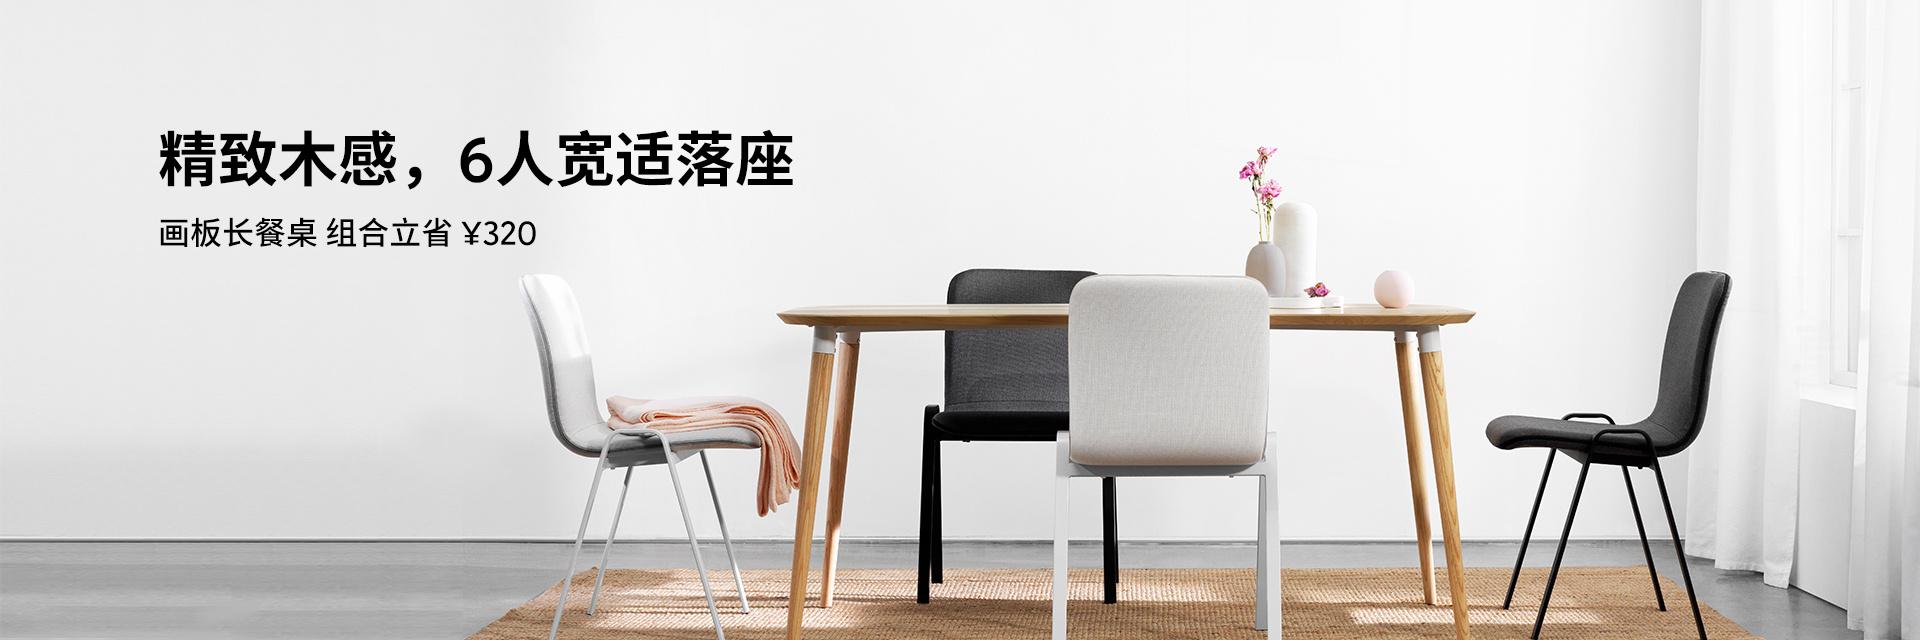 画板长餐桌